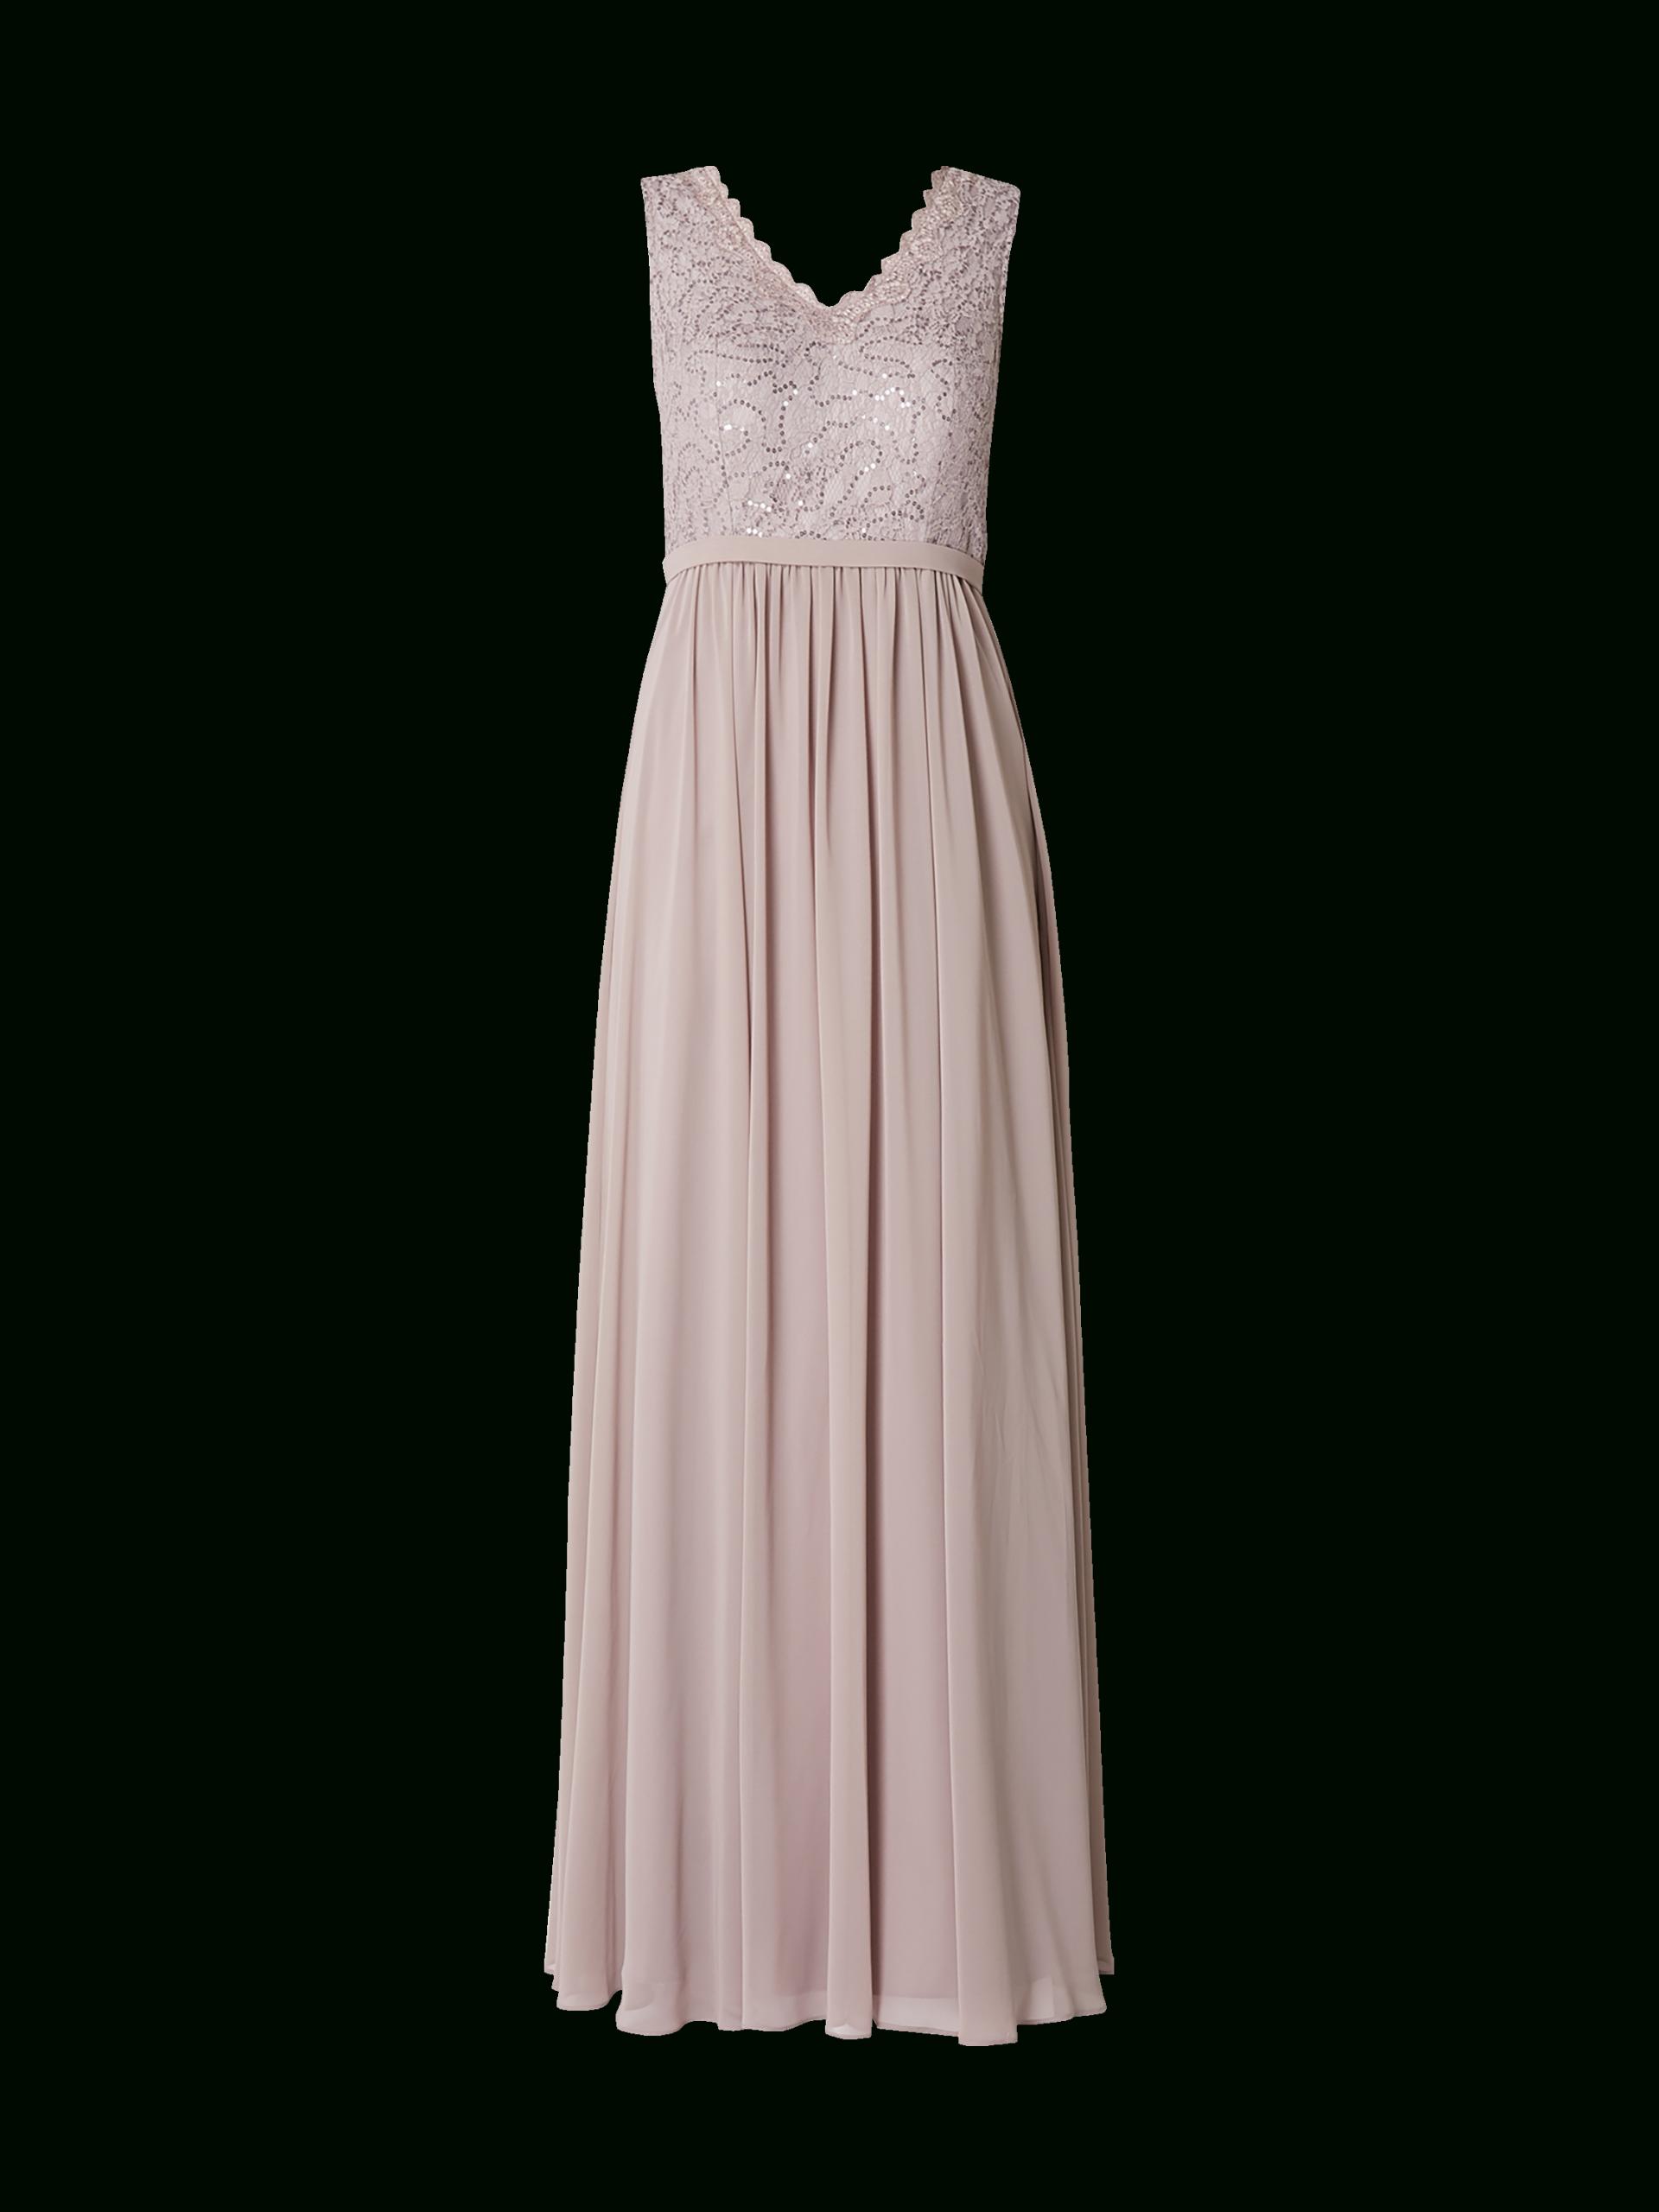 17 Einfach Peek Und Cloppenburg Abendkleid Vertrieb10 Genial Peek Und Cloppenburg Abendkleid Stylish